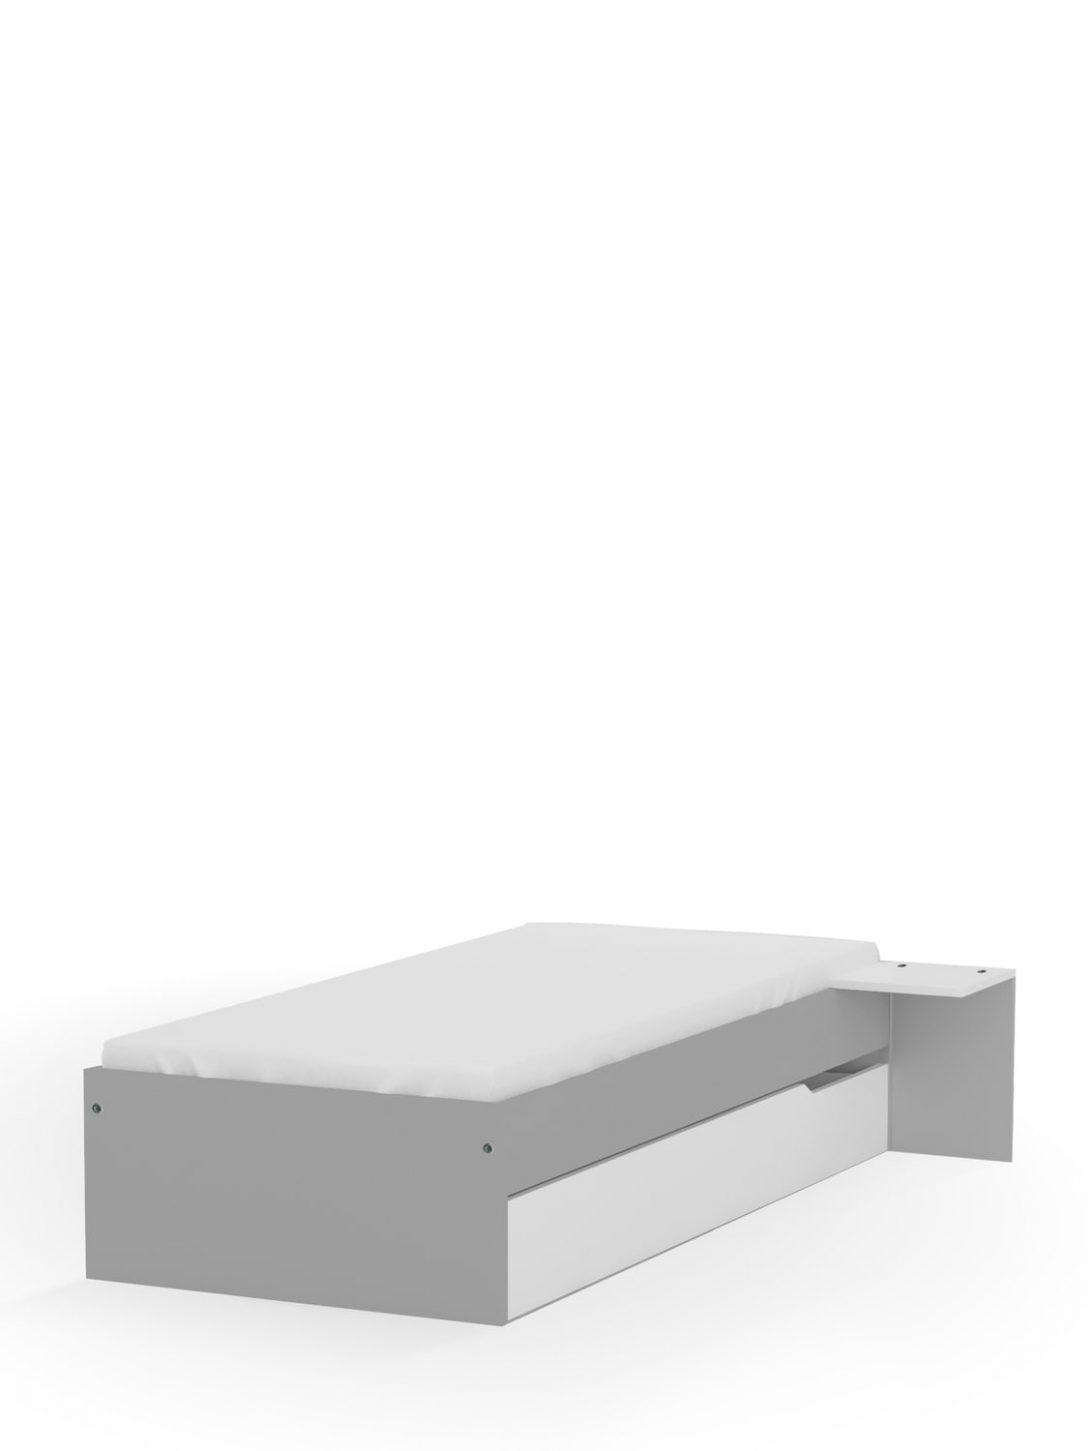 Large Size of Bett Niedrig 90x200 Grey Meblik Bette Floor Betten München Boxspring Selber Bauen 120 Cm Breit Mit Bettkasten 160x200 Weiß 140x200 Runde Badewanne Clinique Bett Bett Niedrig